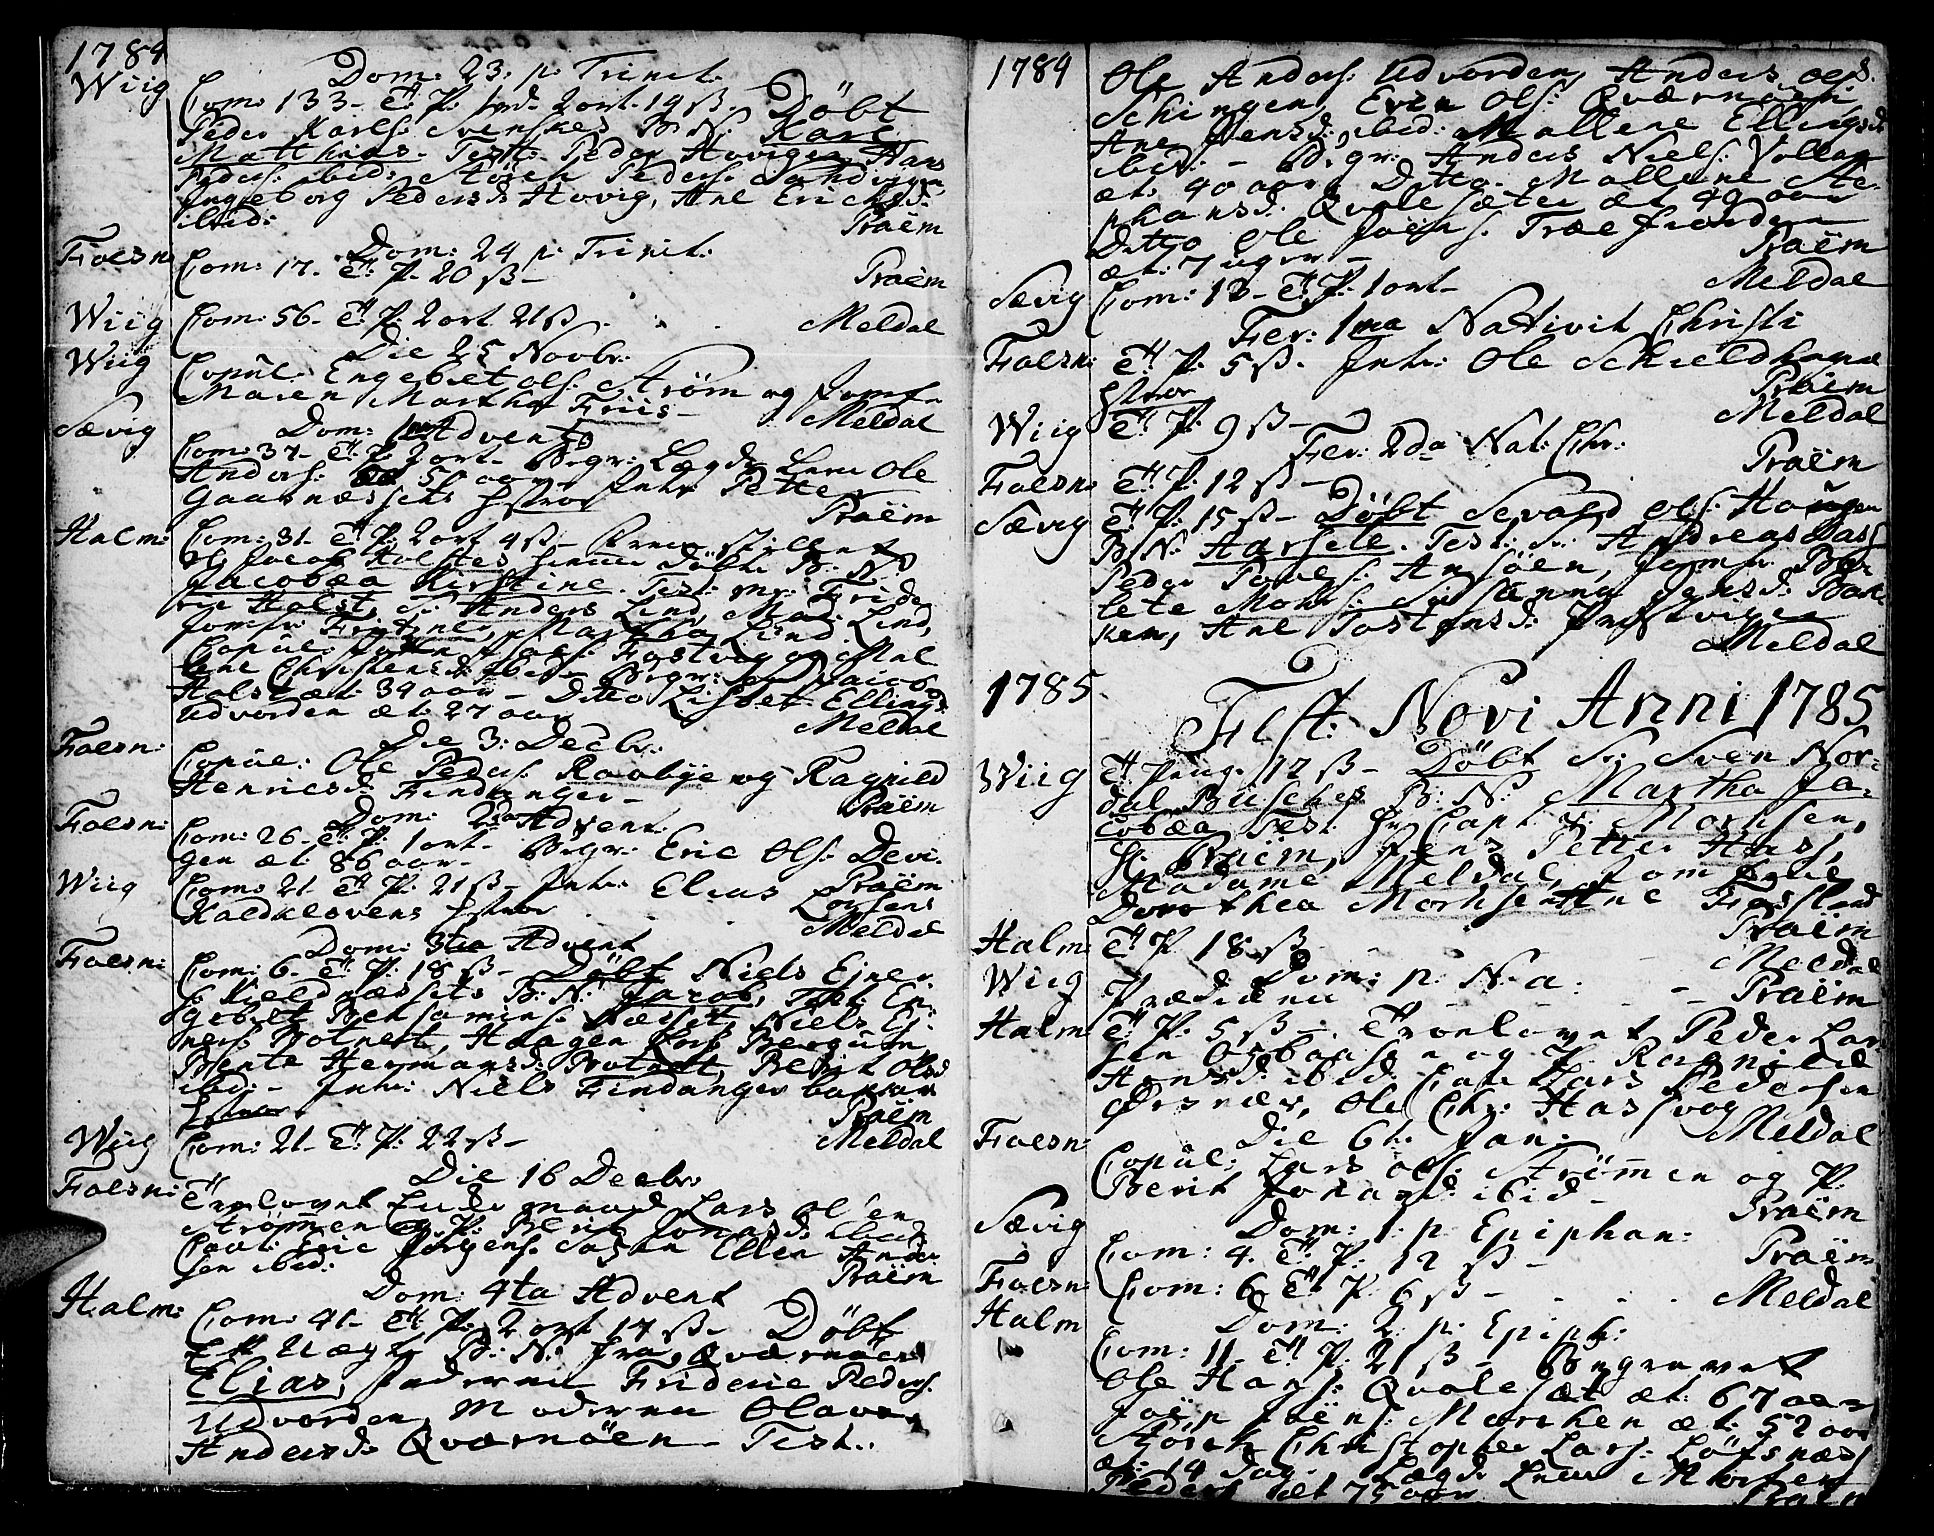 SAT, Ministerialprotokoller, klokkerbøker og fødselsregistre - Nord-Trøndelag, 773/L0608: Ministerialbok nr. 773A02, 1784-1816, s. 8